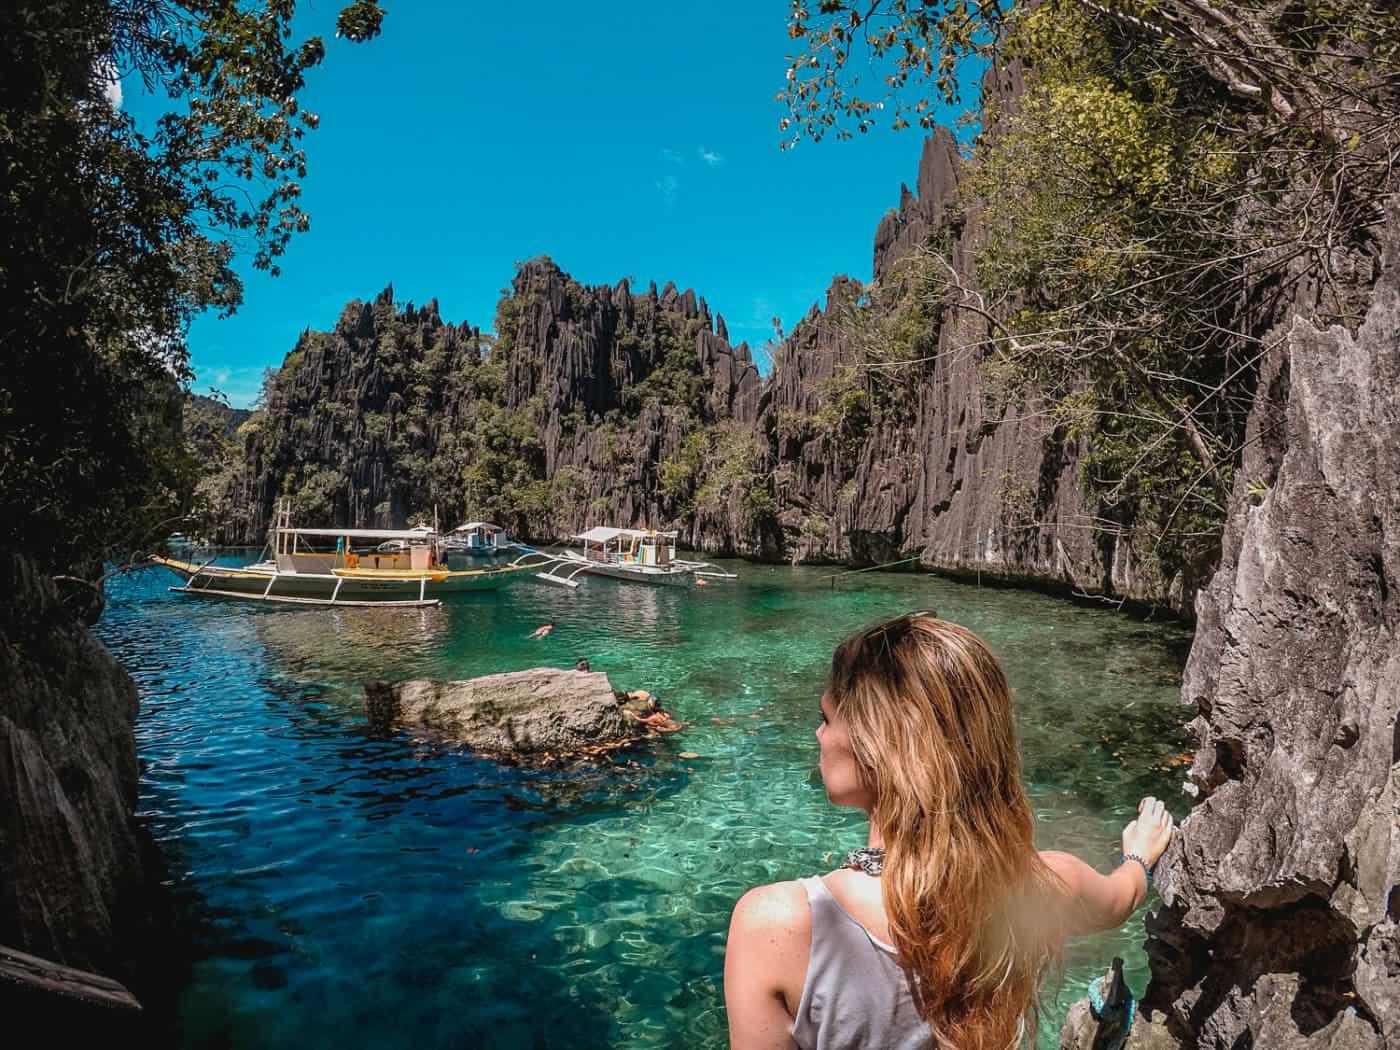 Palawan itinerary: Palawan tour of El Nido and Coron Philippines